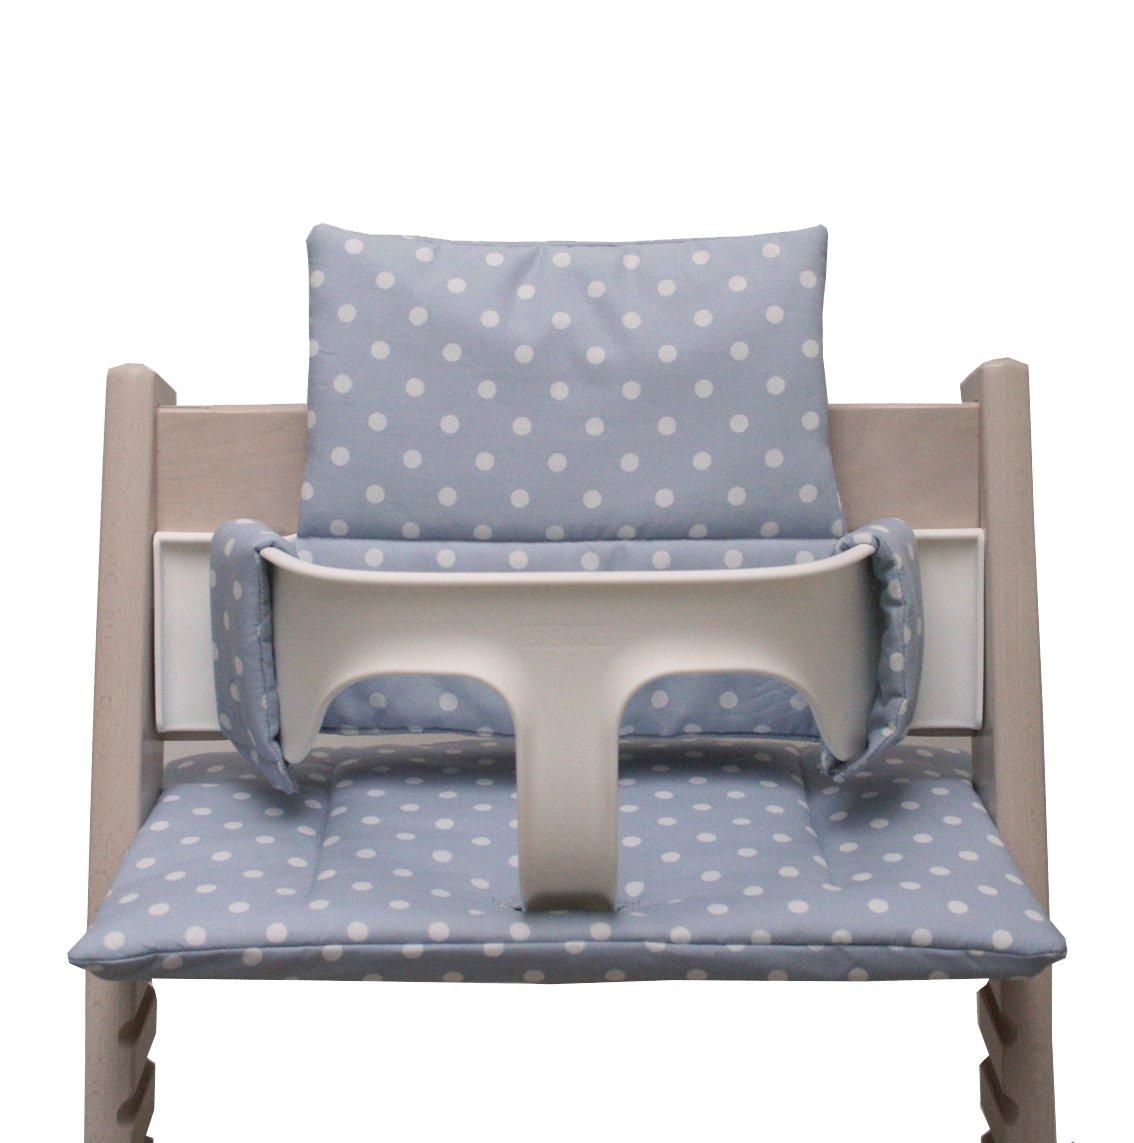 Blausberg Baby - Sitzkissen *41 FARBEN* Kissen Polster Set für Stokke Tripp Trapp Hochstuhl (Grau Punkte) alle Materialien OEKO-TEX ® Standard 100 zertifiziert - 100% made in Hamburg 050481